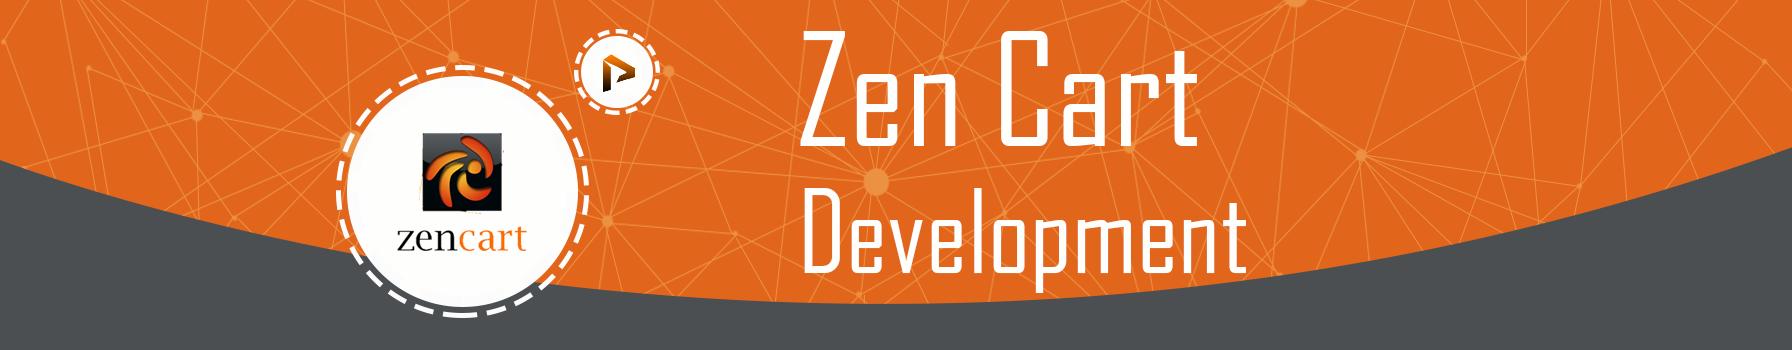 zen-cart-development.png